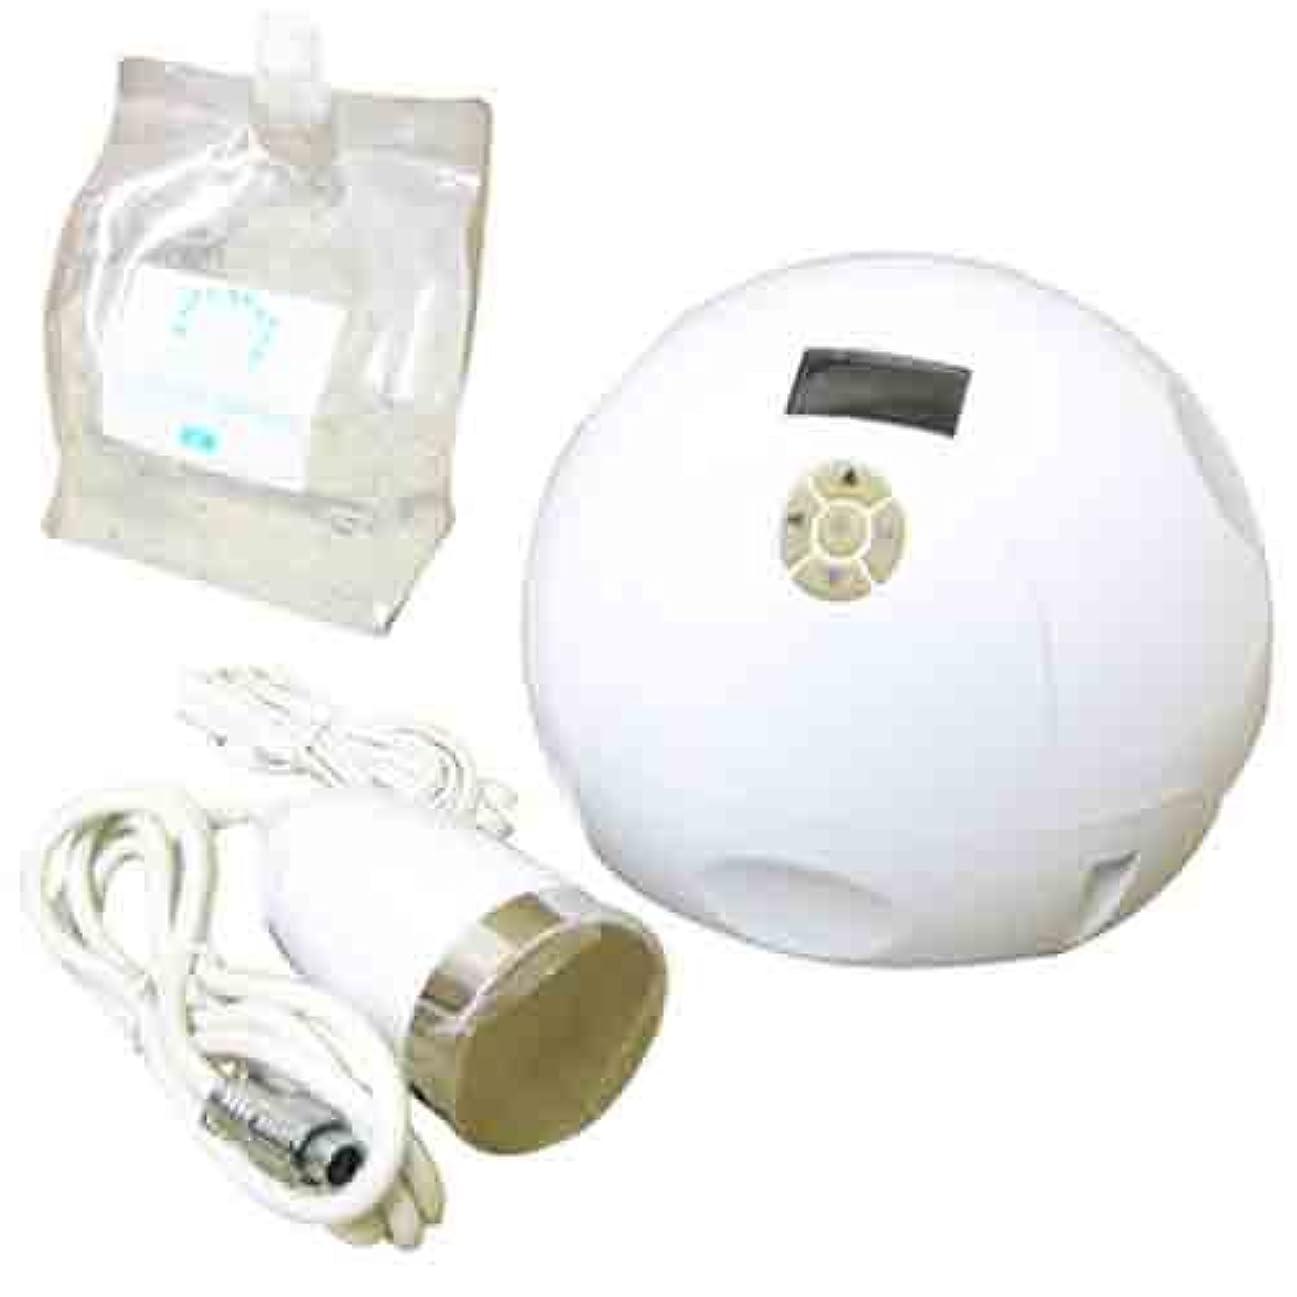 広まったアルネ天の家庭用美容器キャビテーション mini-MAX+キャビ&フラッシュジェル〈スーパーハード〉3L付き